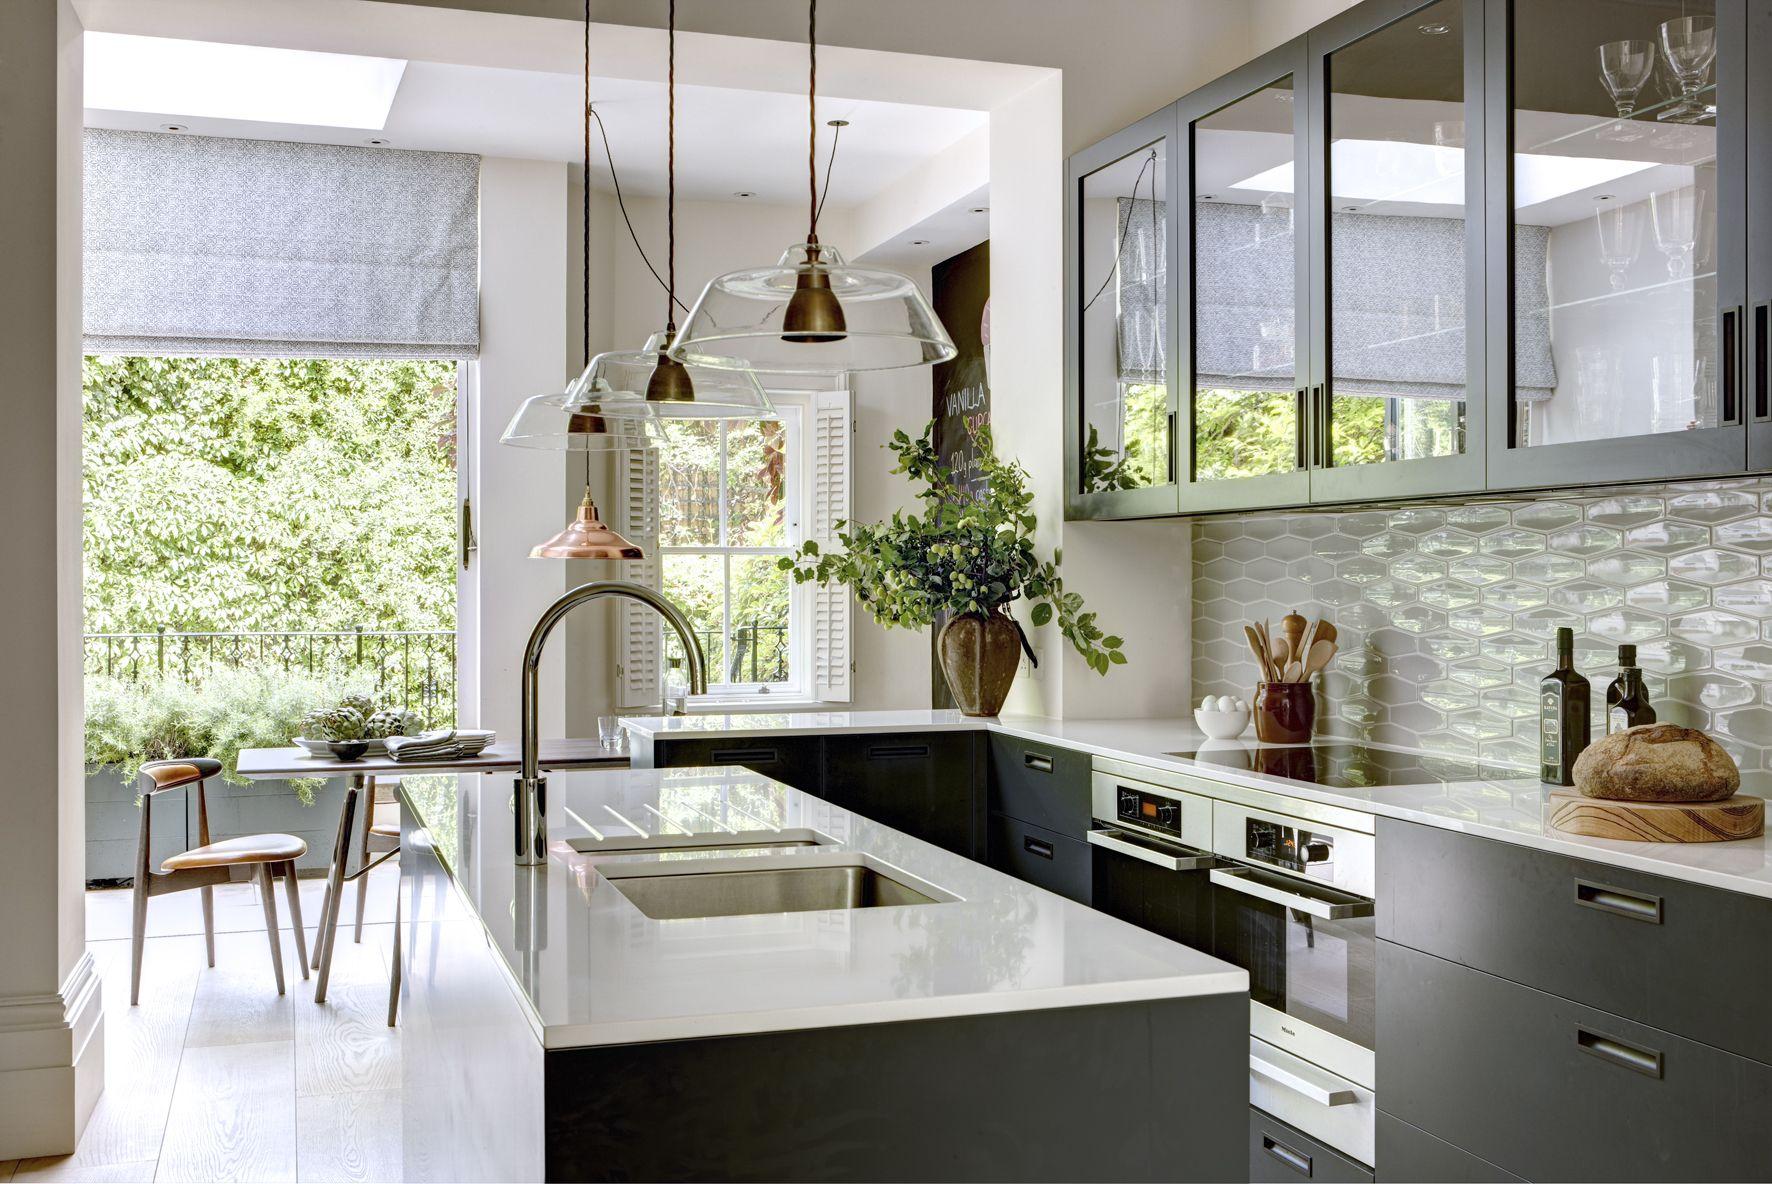 ikea küchenplaner download inspiration pic und dcddfdbaeefd jpg